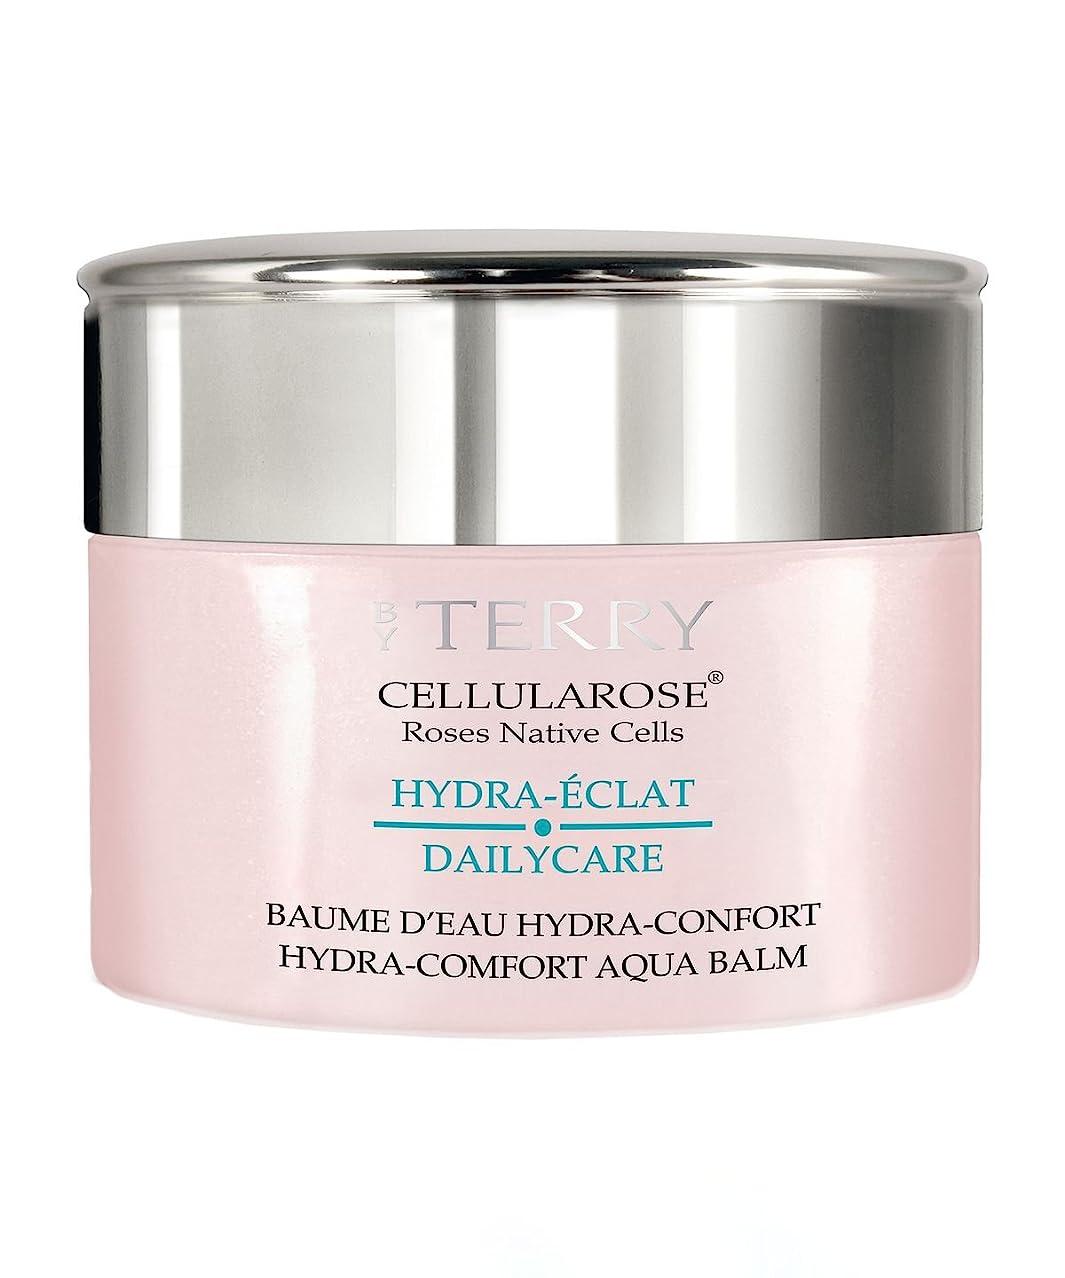 ドキュメンタリー祝うパリティバイテリー Cellularose Hydra-Eclat Dailycare Hydra-Comfort Aqua Balm 30g/1.05oz並行輸入品